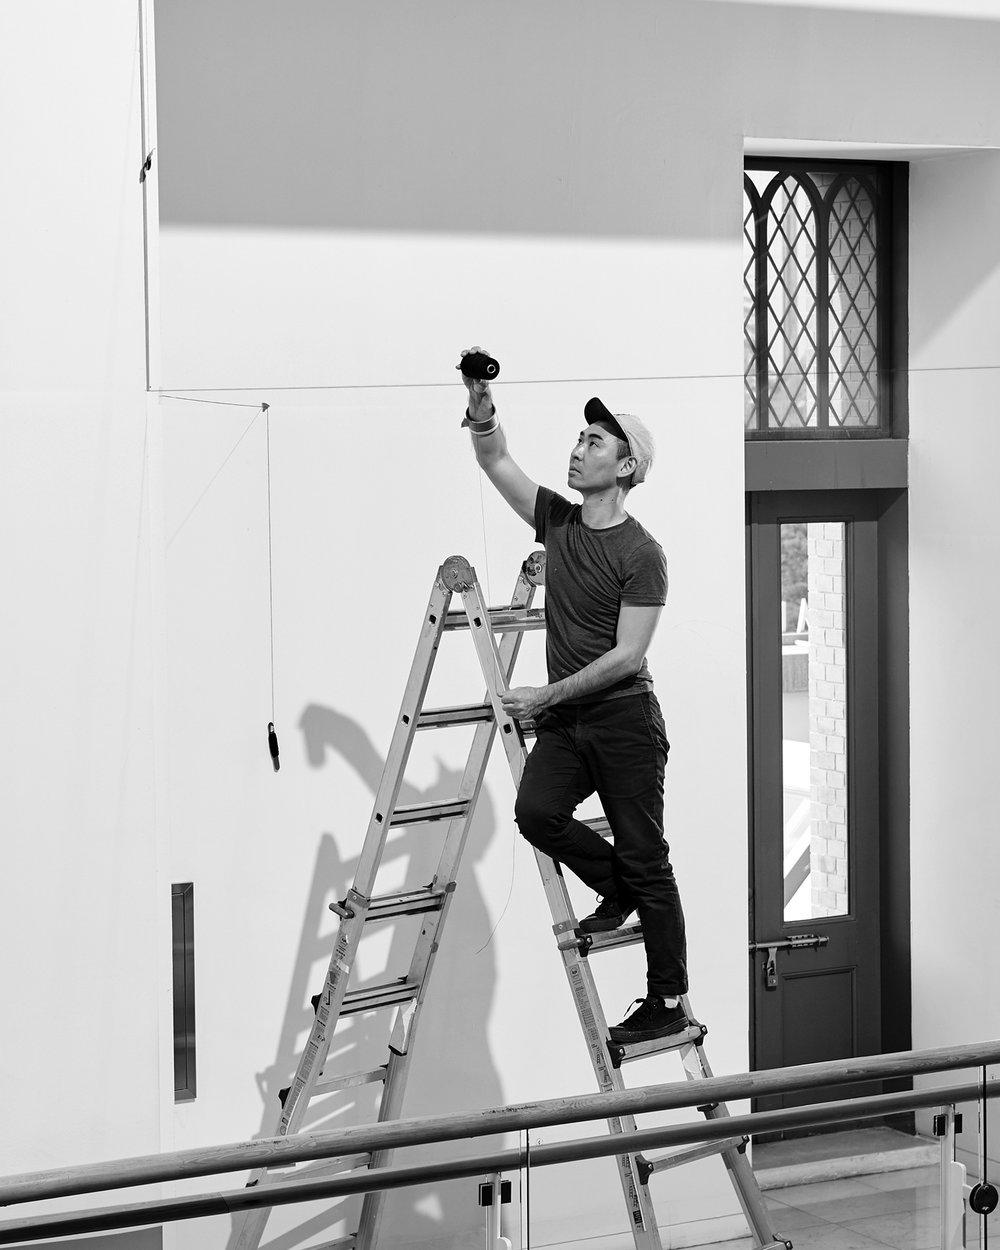 JONG OH - Jong Oh (Mauritania 1981) creció entre España y Corea del Sur. Actualmente vive y trabaja en Nueva York, donde se graduó en MFA en la Escuela de Artes Visuales. La práctica artística de Jong Oh es particular ya que no usa un estudio sino que crea esculturas mínimas in situ. El artista construye estructuras espaciales al suspender e interconectar una selección limitada de materiales: cuerdas, cadenas, hilo de pescar, metacrilato, varillas de madera y metal e hilos pintados. Los elementos de sus obras parecen flotar, sugiriendo dimensiones adicionales un espacio tridimensional simple.Si quieres saber más sobre este artista pulsa aquí.